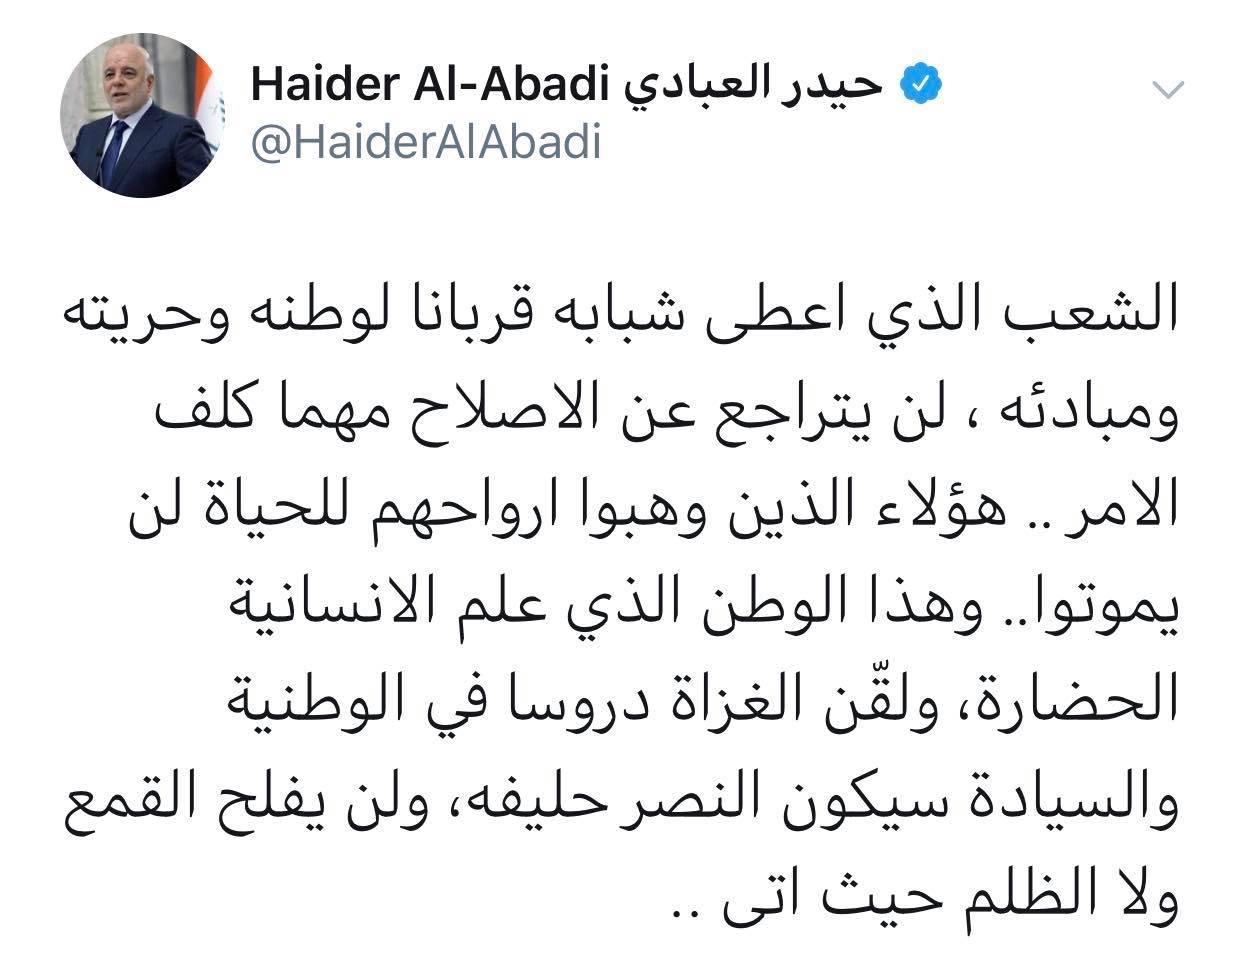 العبادي غاضب من محاولة فض الاحتجاجات: عجت بقلبي دماء الشباب!